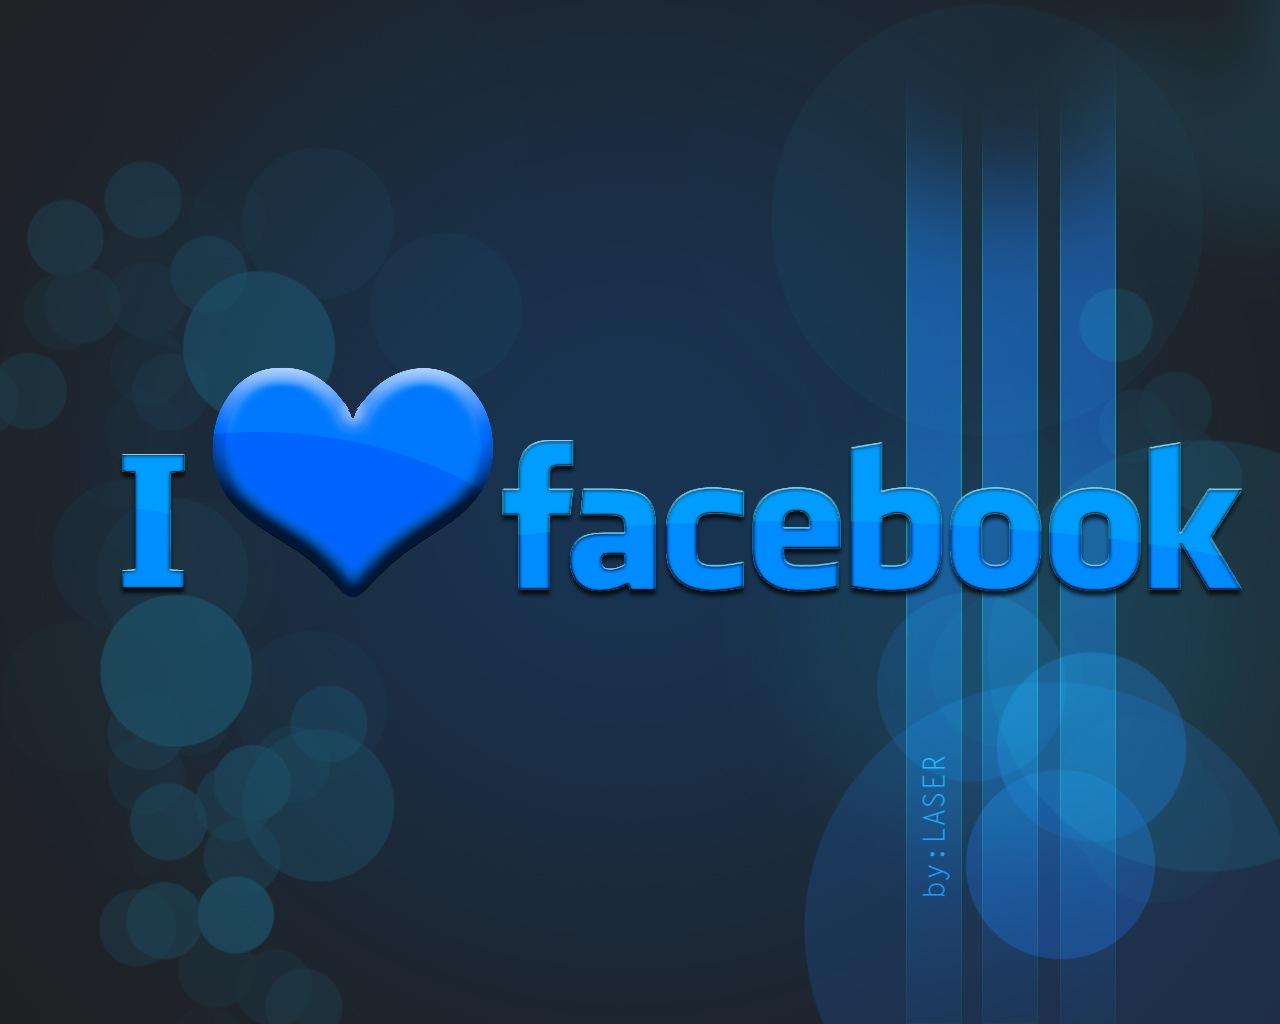 Я люблю фейсбук картинки